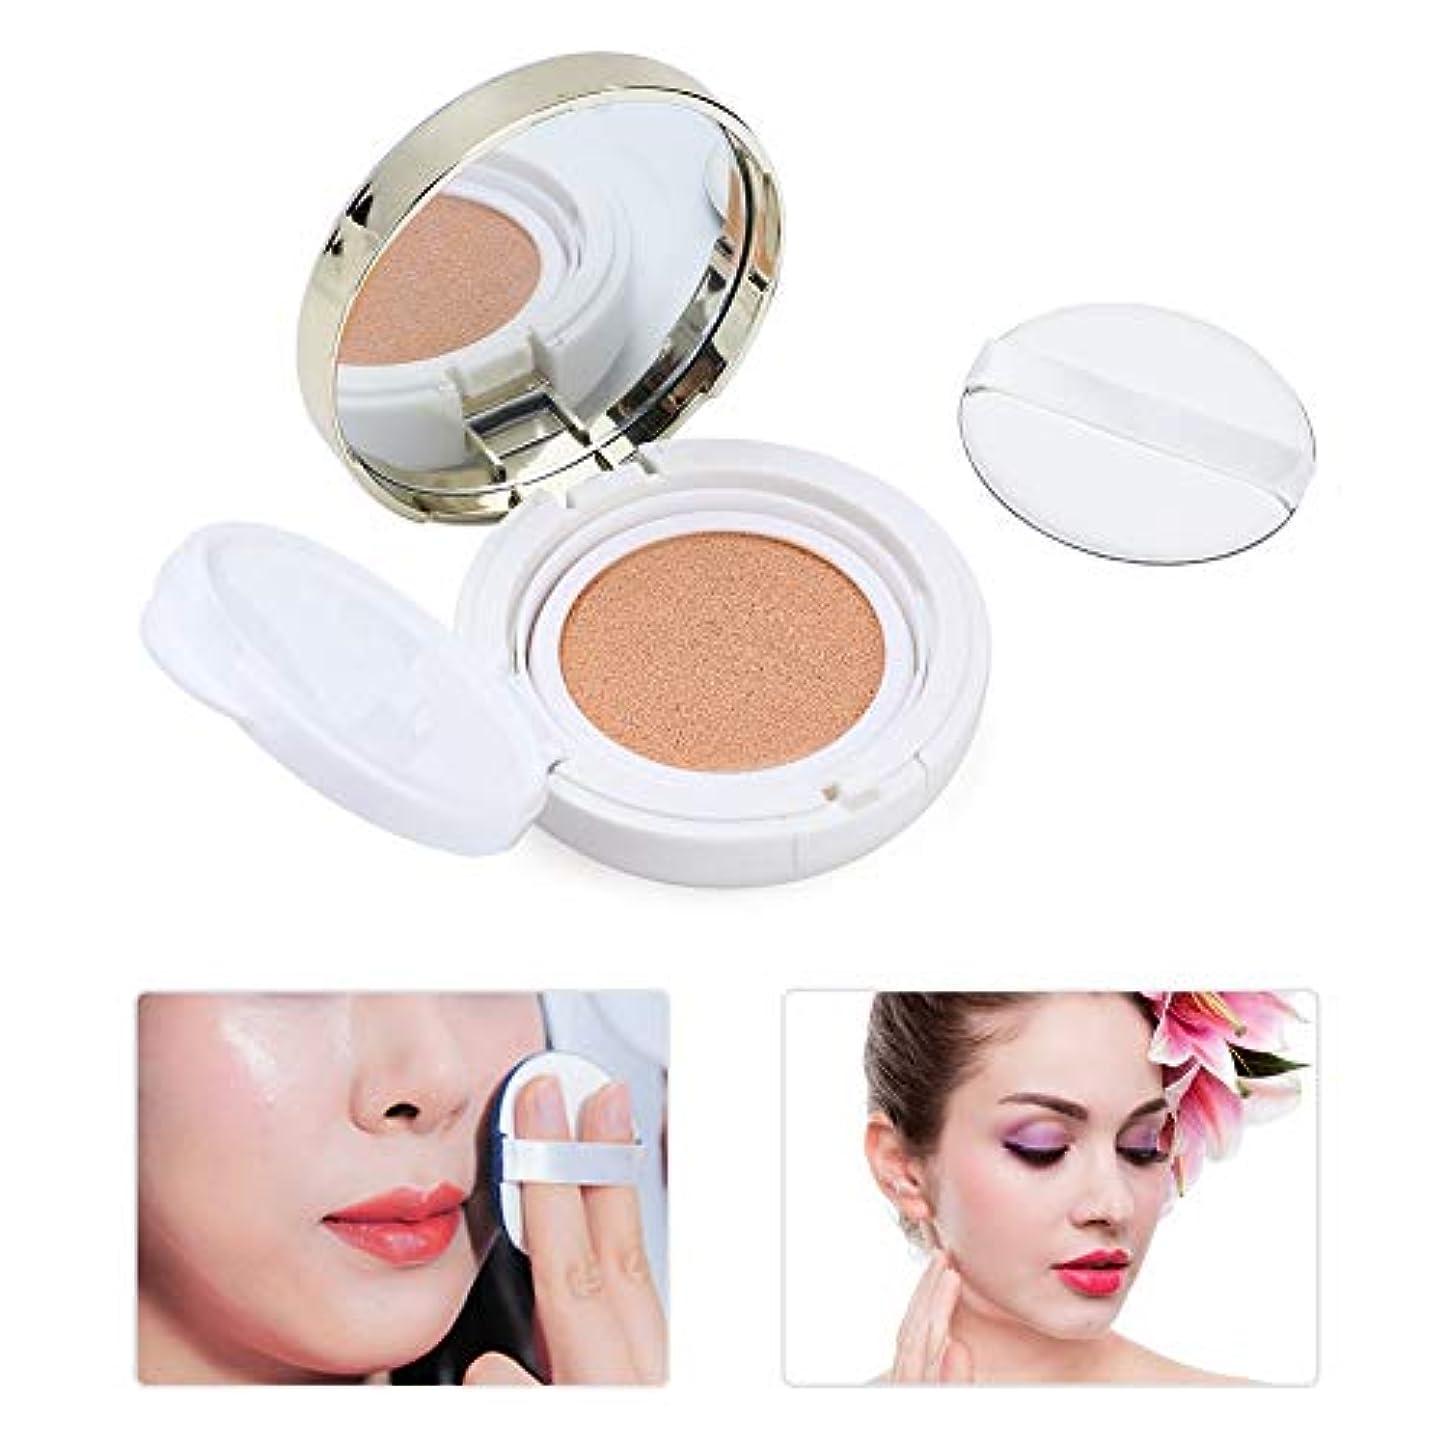 エアクッションBBクリーム 化粧ホワイトニングコンシーラークッション - 基礎メイクロングラスティングカバー保湿フェイスメイクアップツール